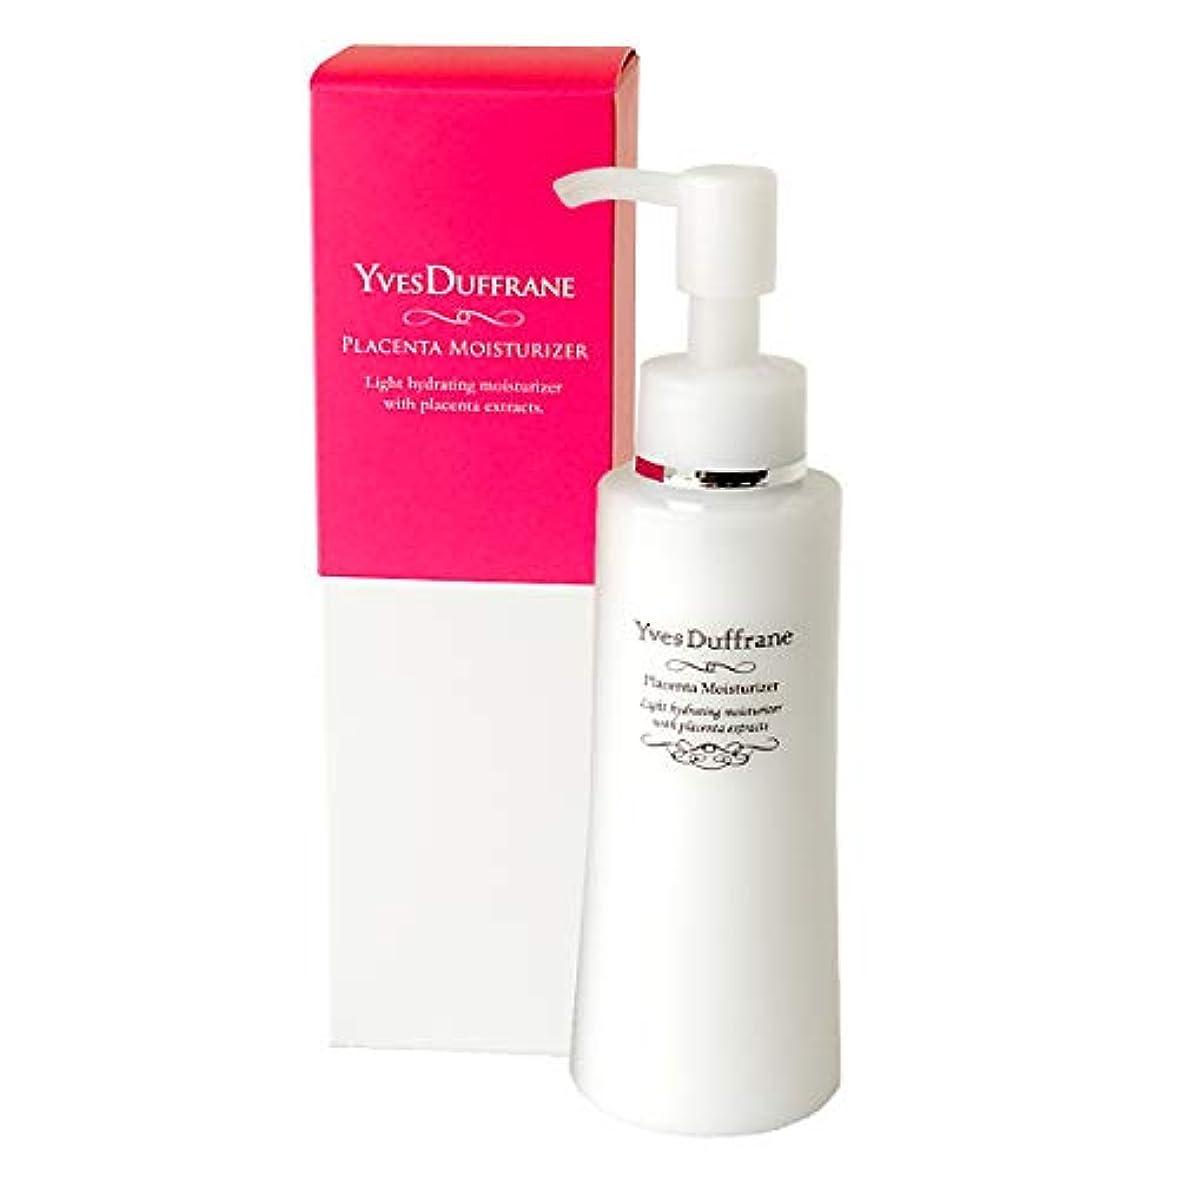 白いに対処する持つプラセンタ 乳液 | ヒアルロン酸 高濃度プラセンタ | ターンオーバー 敏感肌 保湿